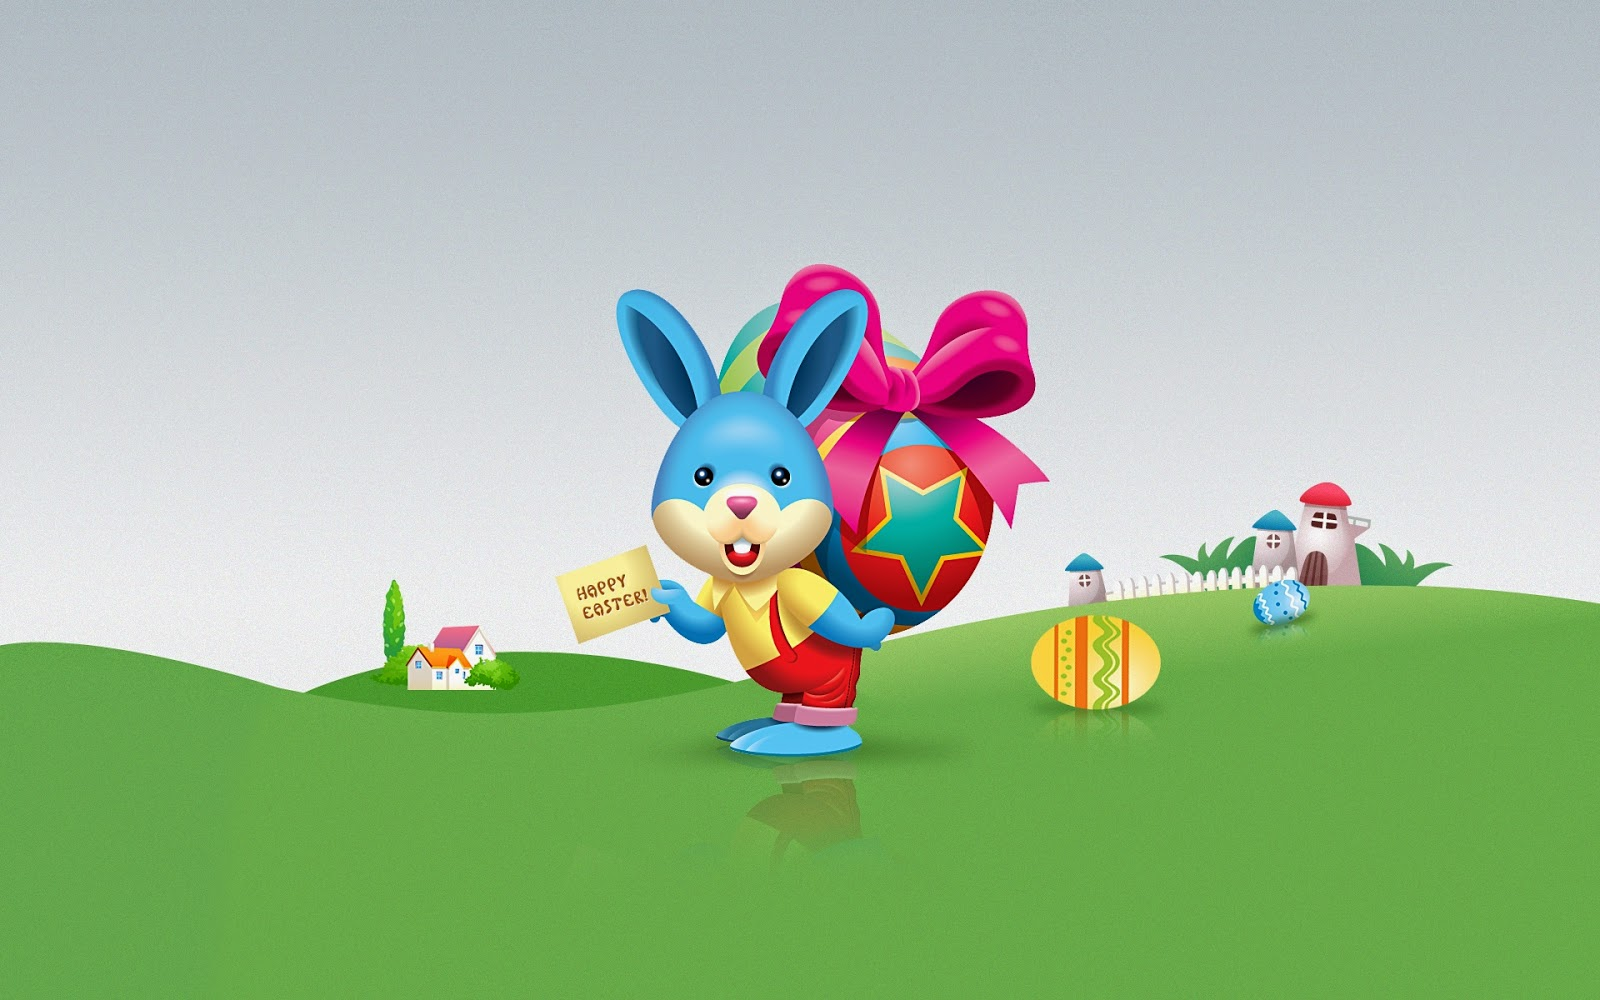 Fun Easter Bunny Cartoon Wallpaper